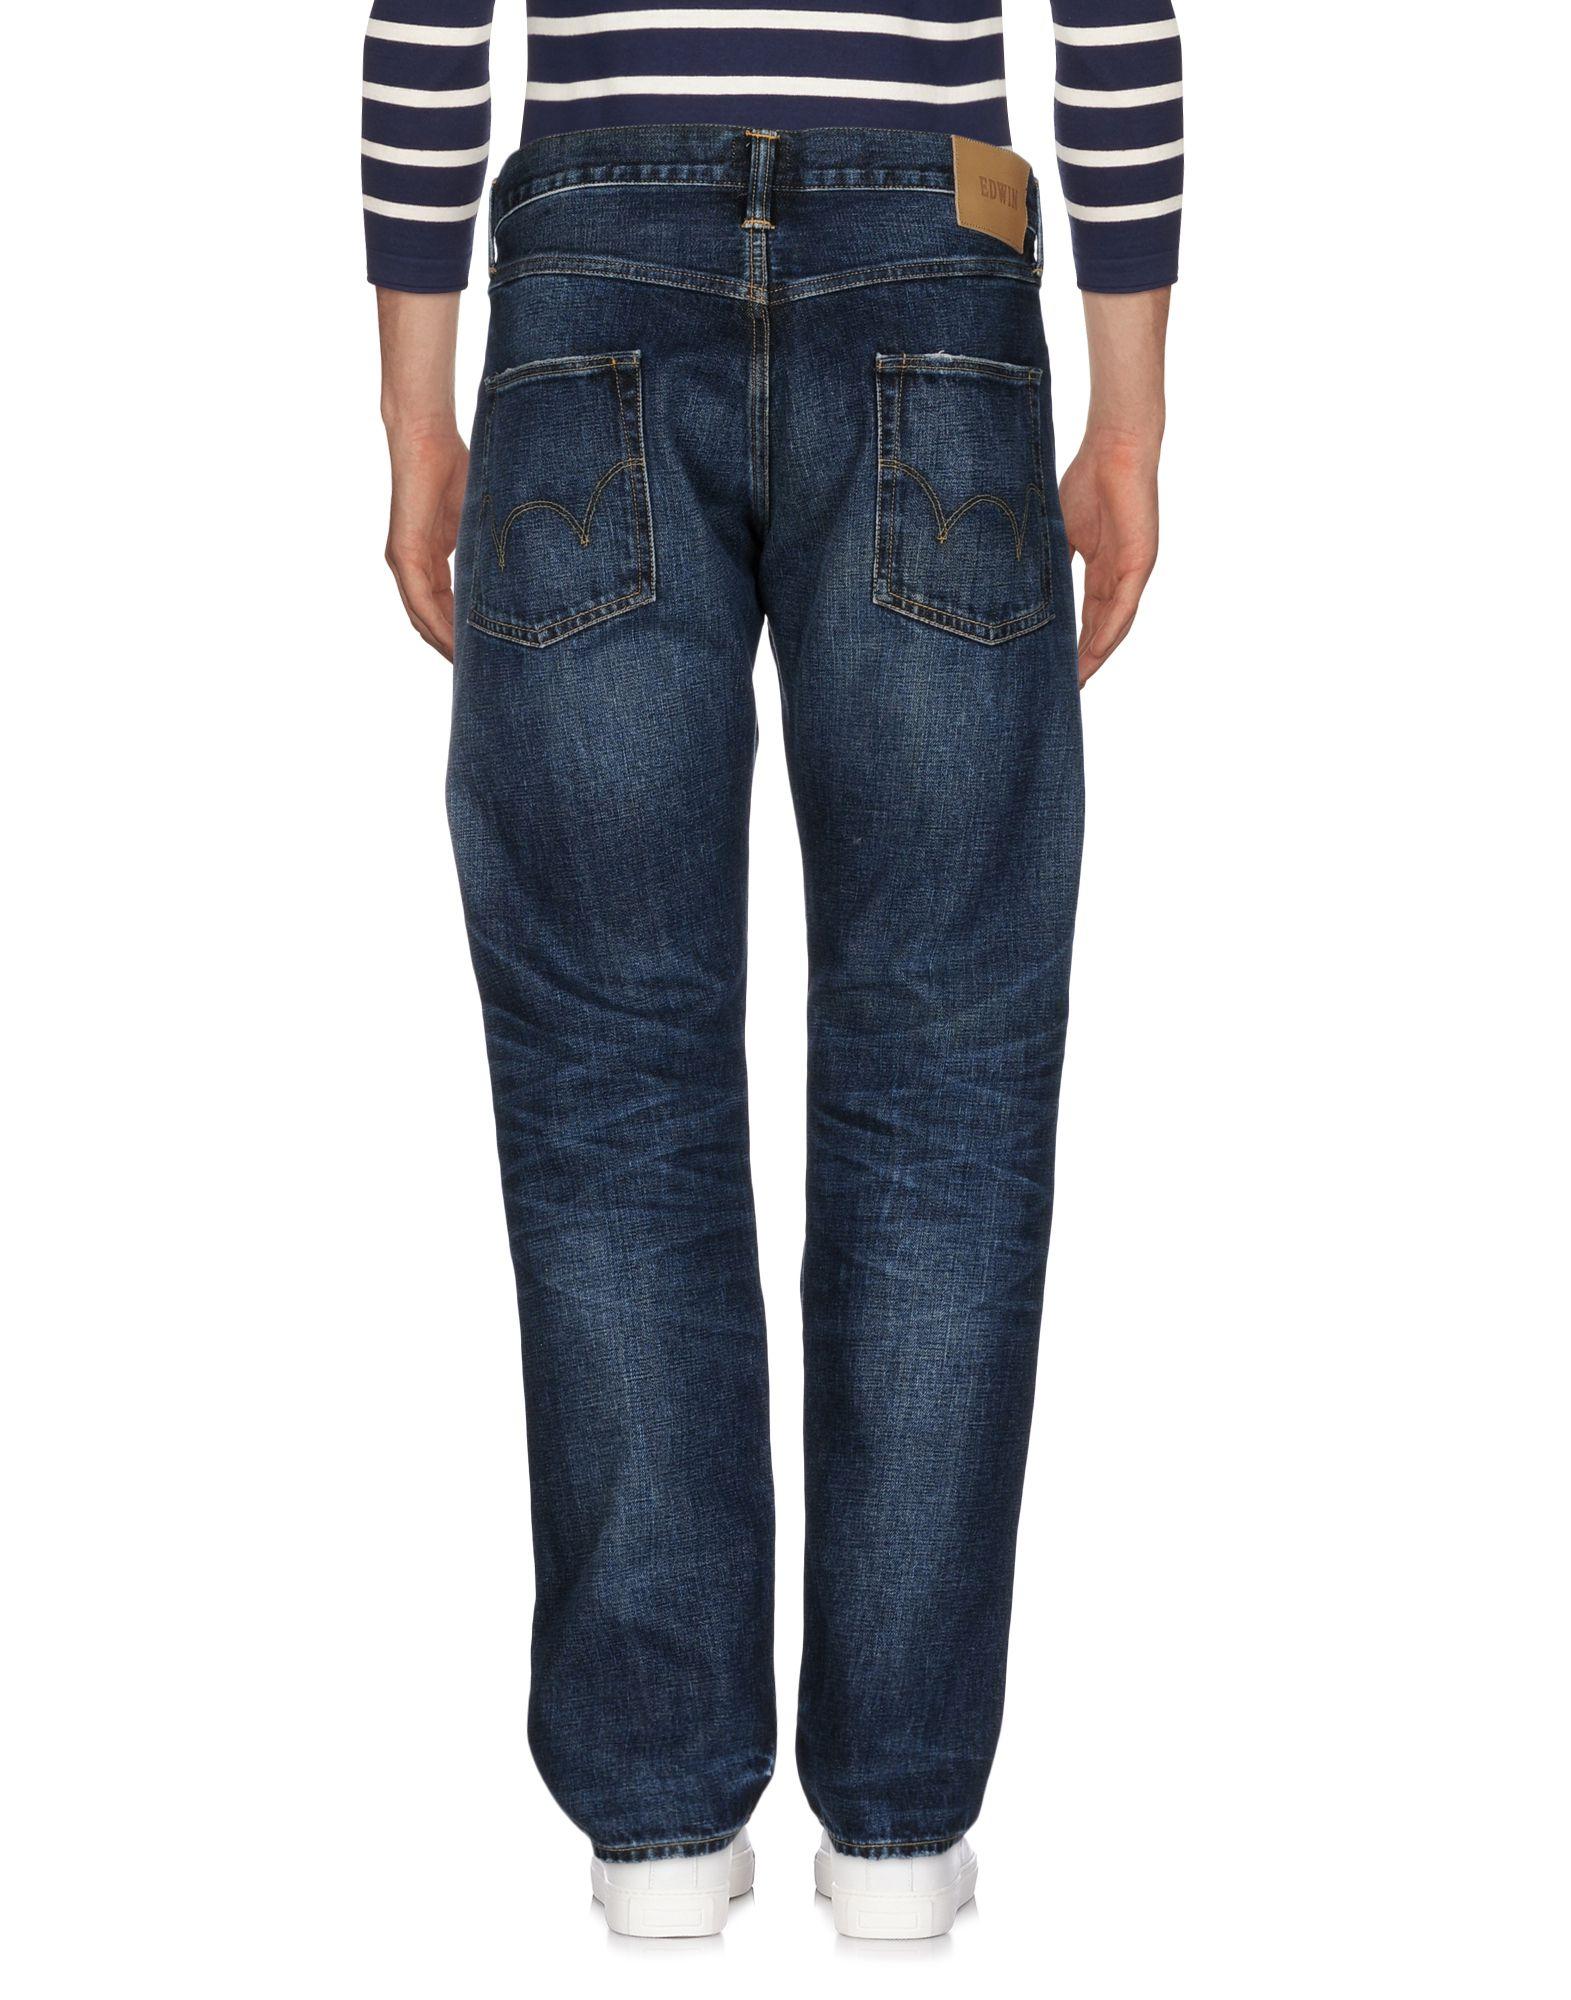 Pantaloni Jeans Edwin Uomo 42648676XH - 42648676XH Uomo c61aff